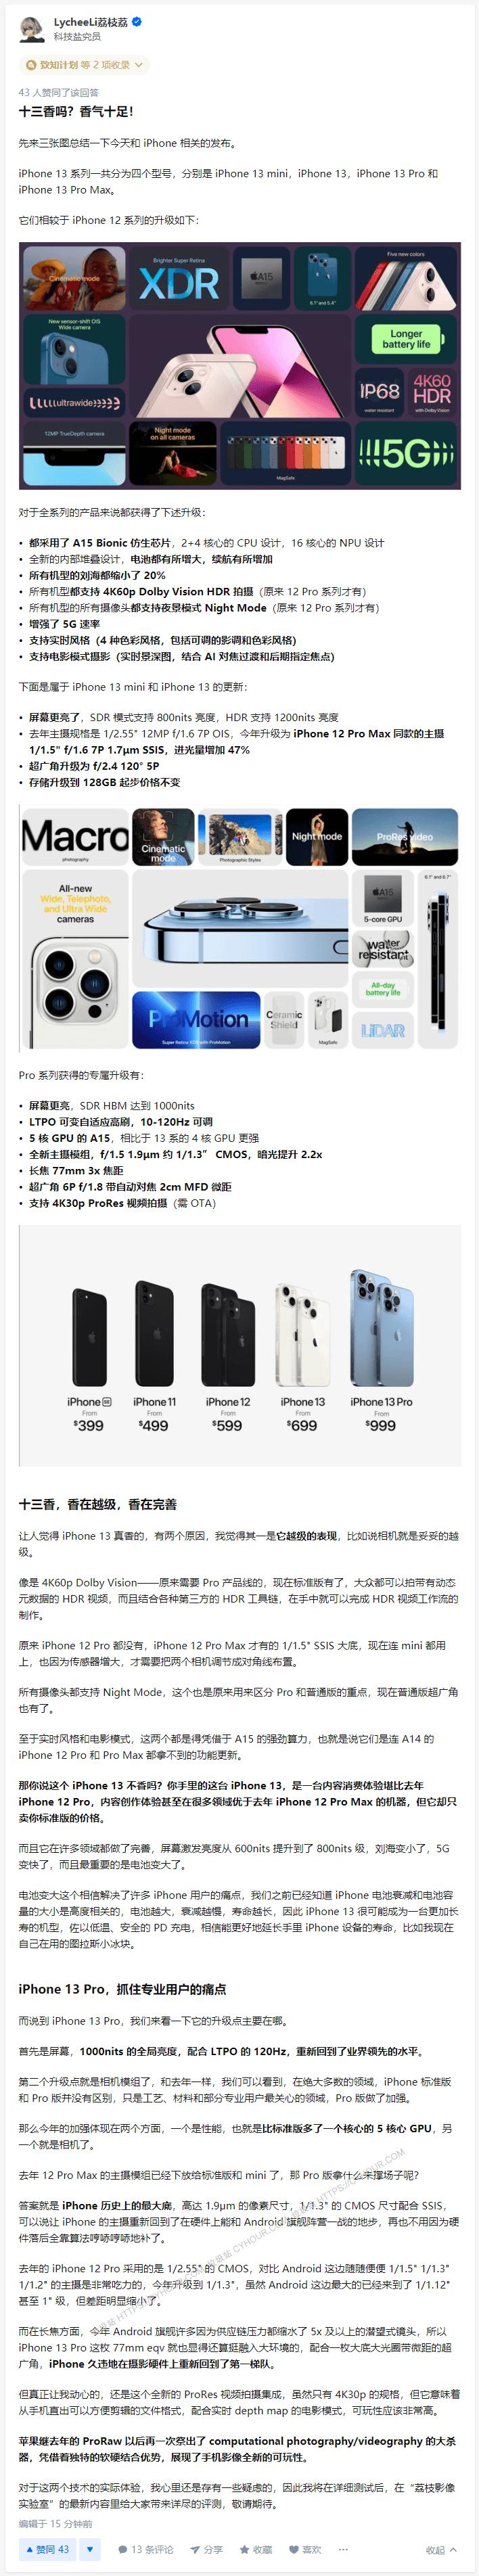 iPhone 13 十三香?iPhone 13 (Pro)/ iPad (Mini) 2021 高清壁纸下载-垃圾站